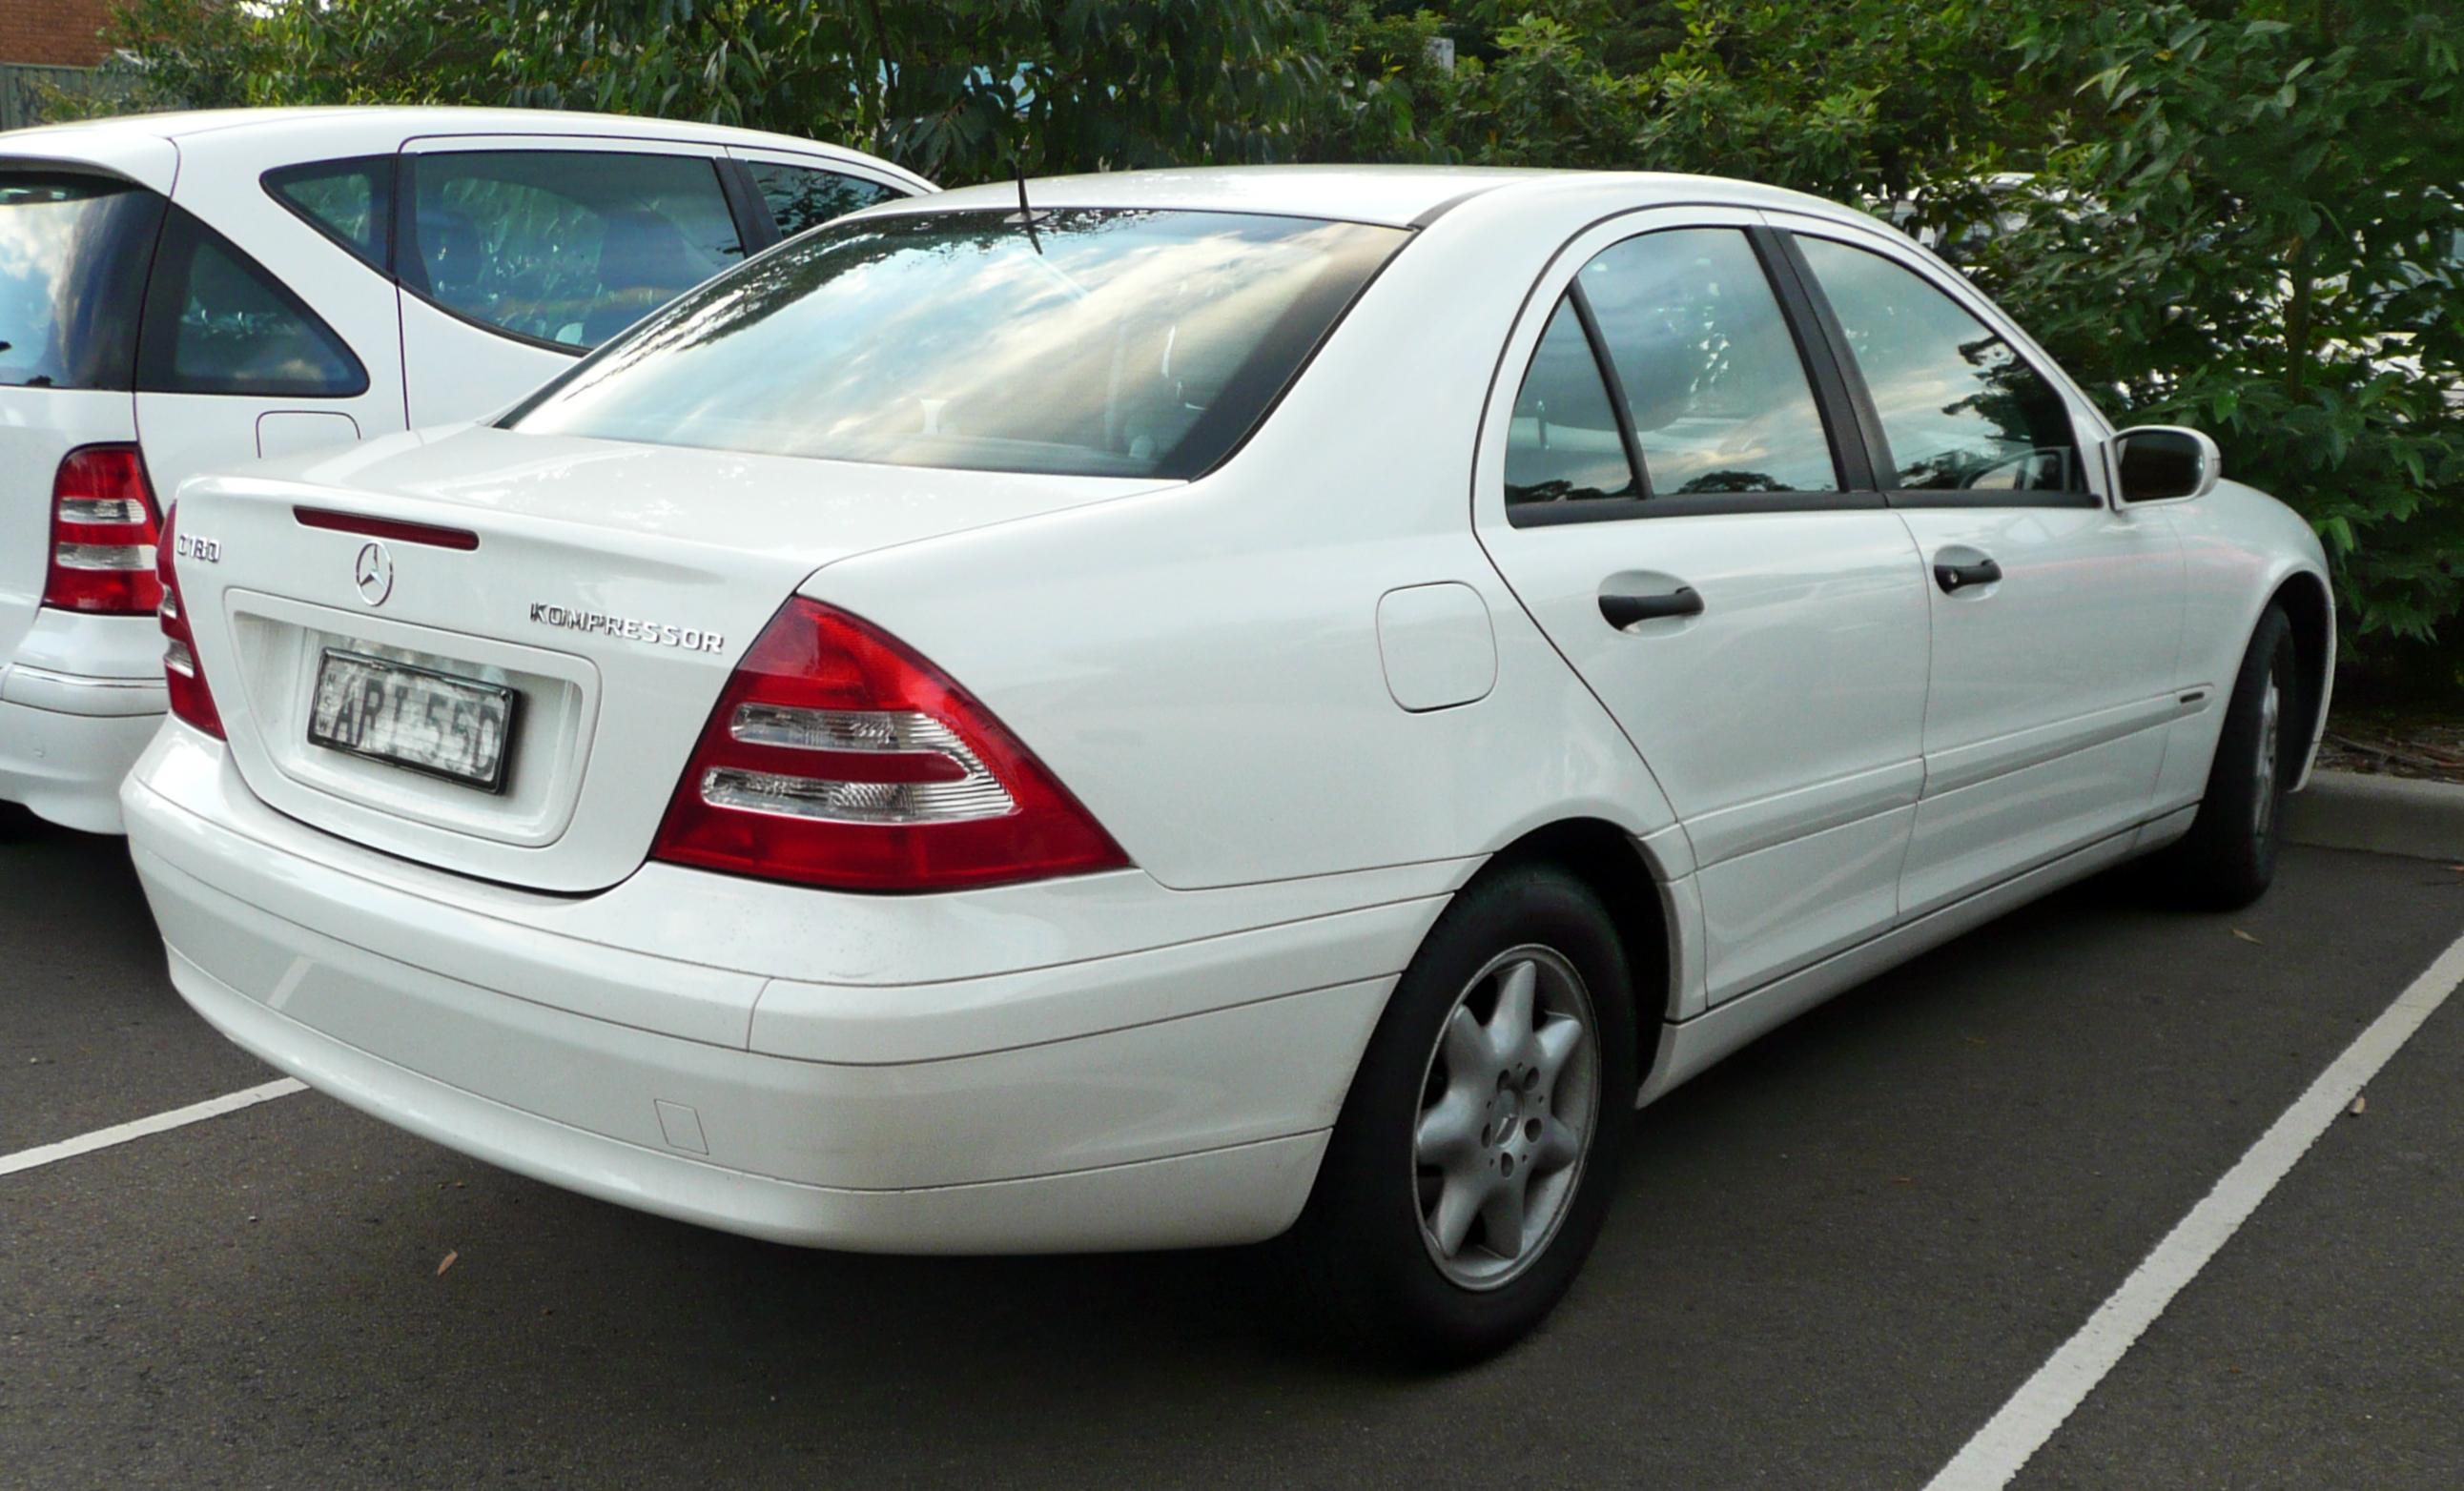 Mercedes-Benz C-klasse AMG II (W203) 2001 - 2004 Station wagon 5 door #4